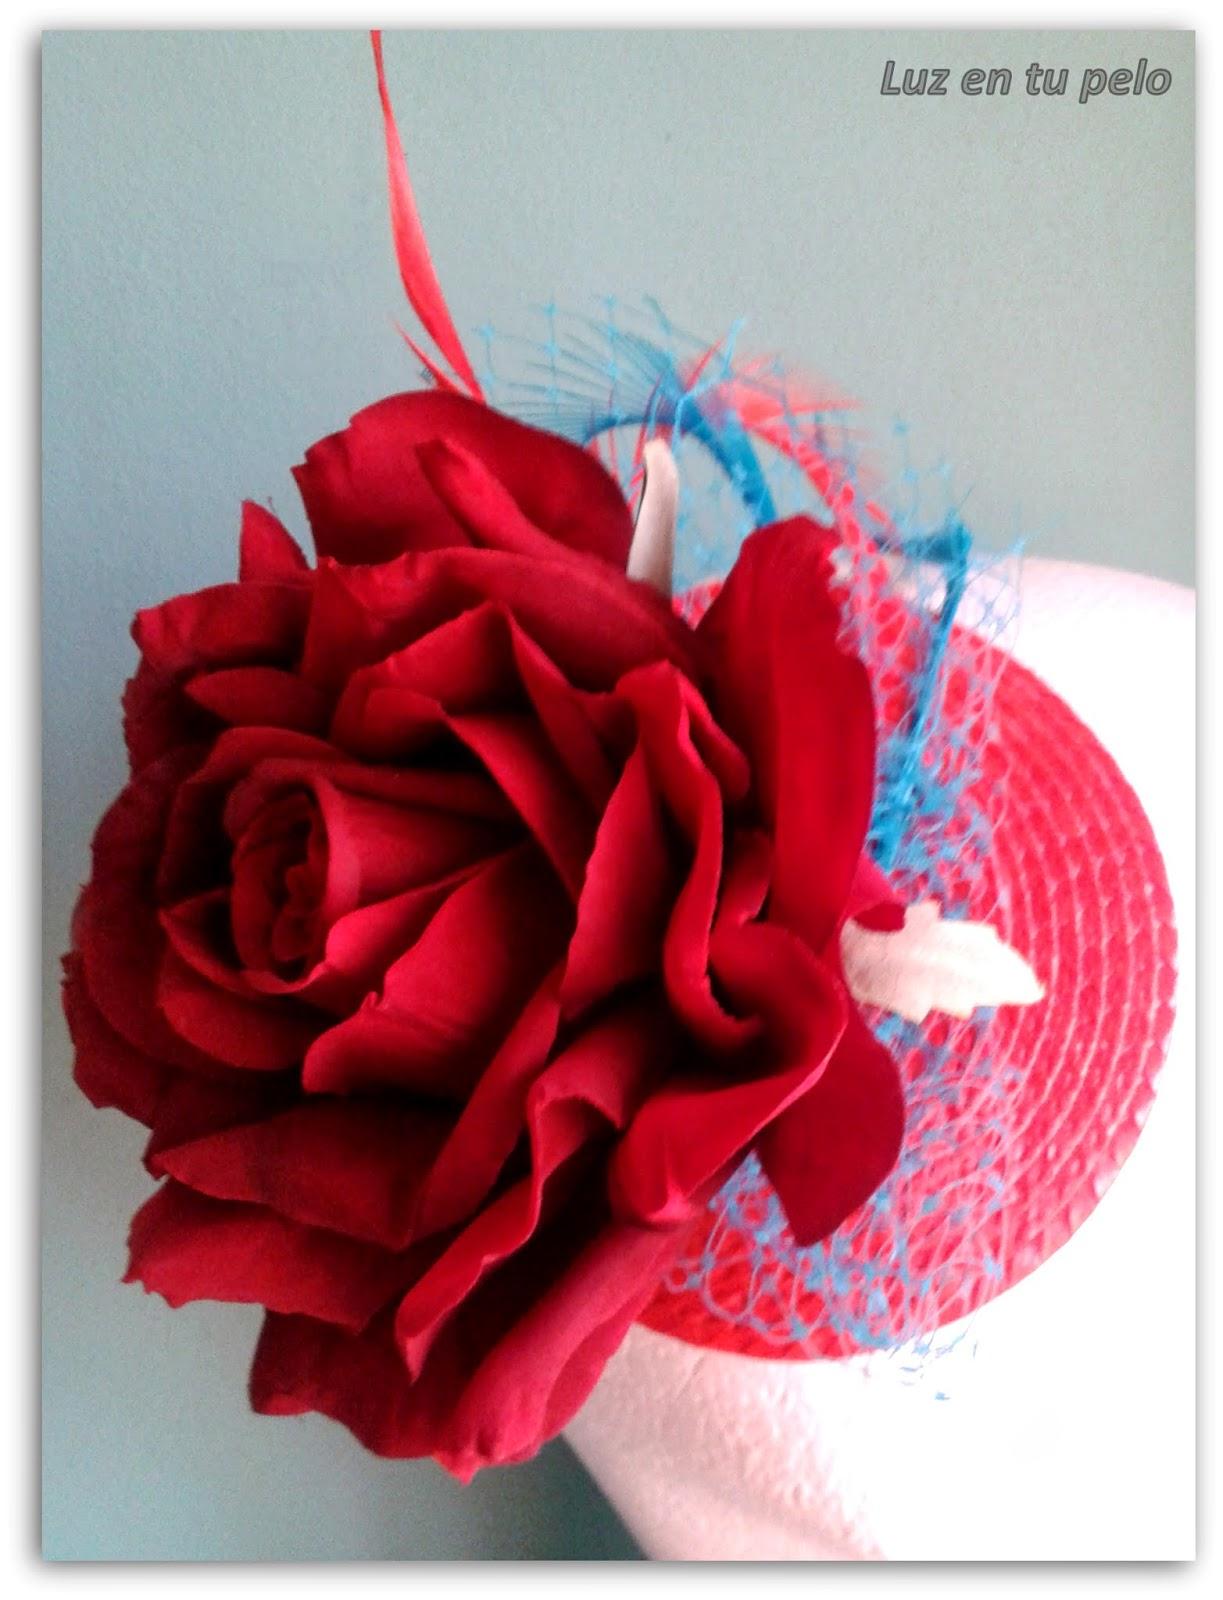 tocados baratos, tocados para bodas, tocados económicos, tocados con flores, tocados con rosa, tul, plumas, rojo, turquesa, tocado rojo, tocado turquesa